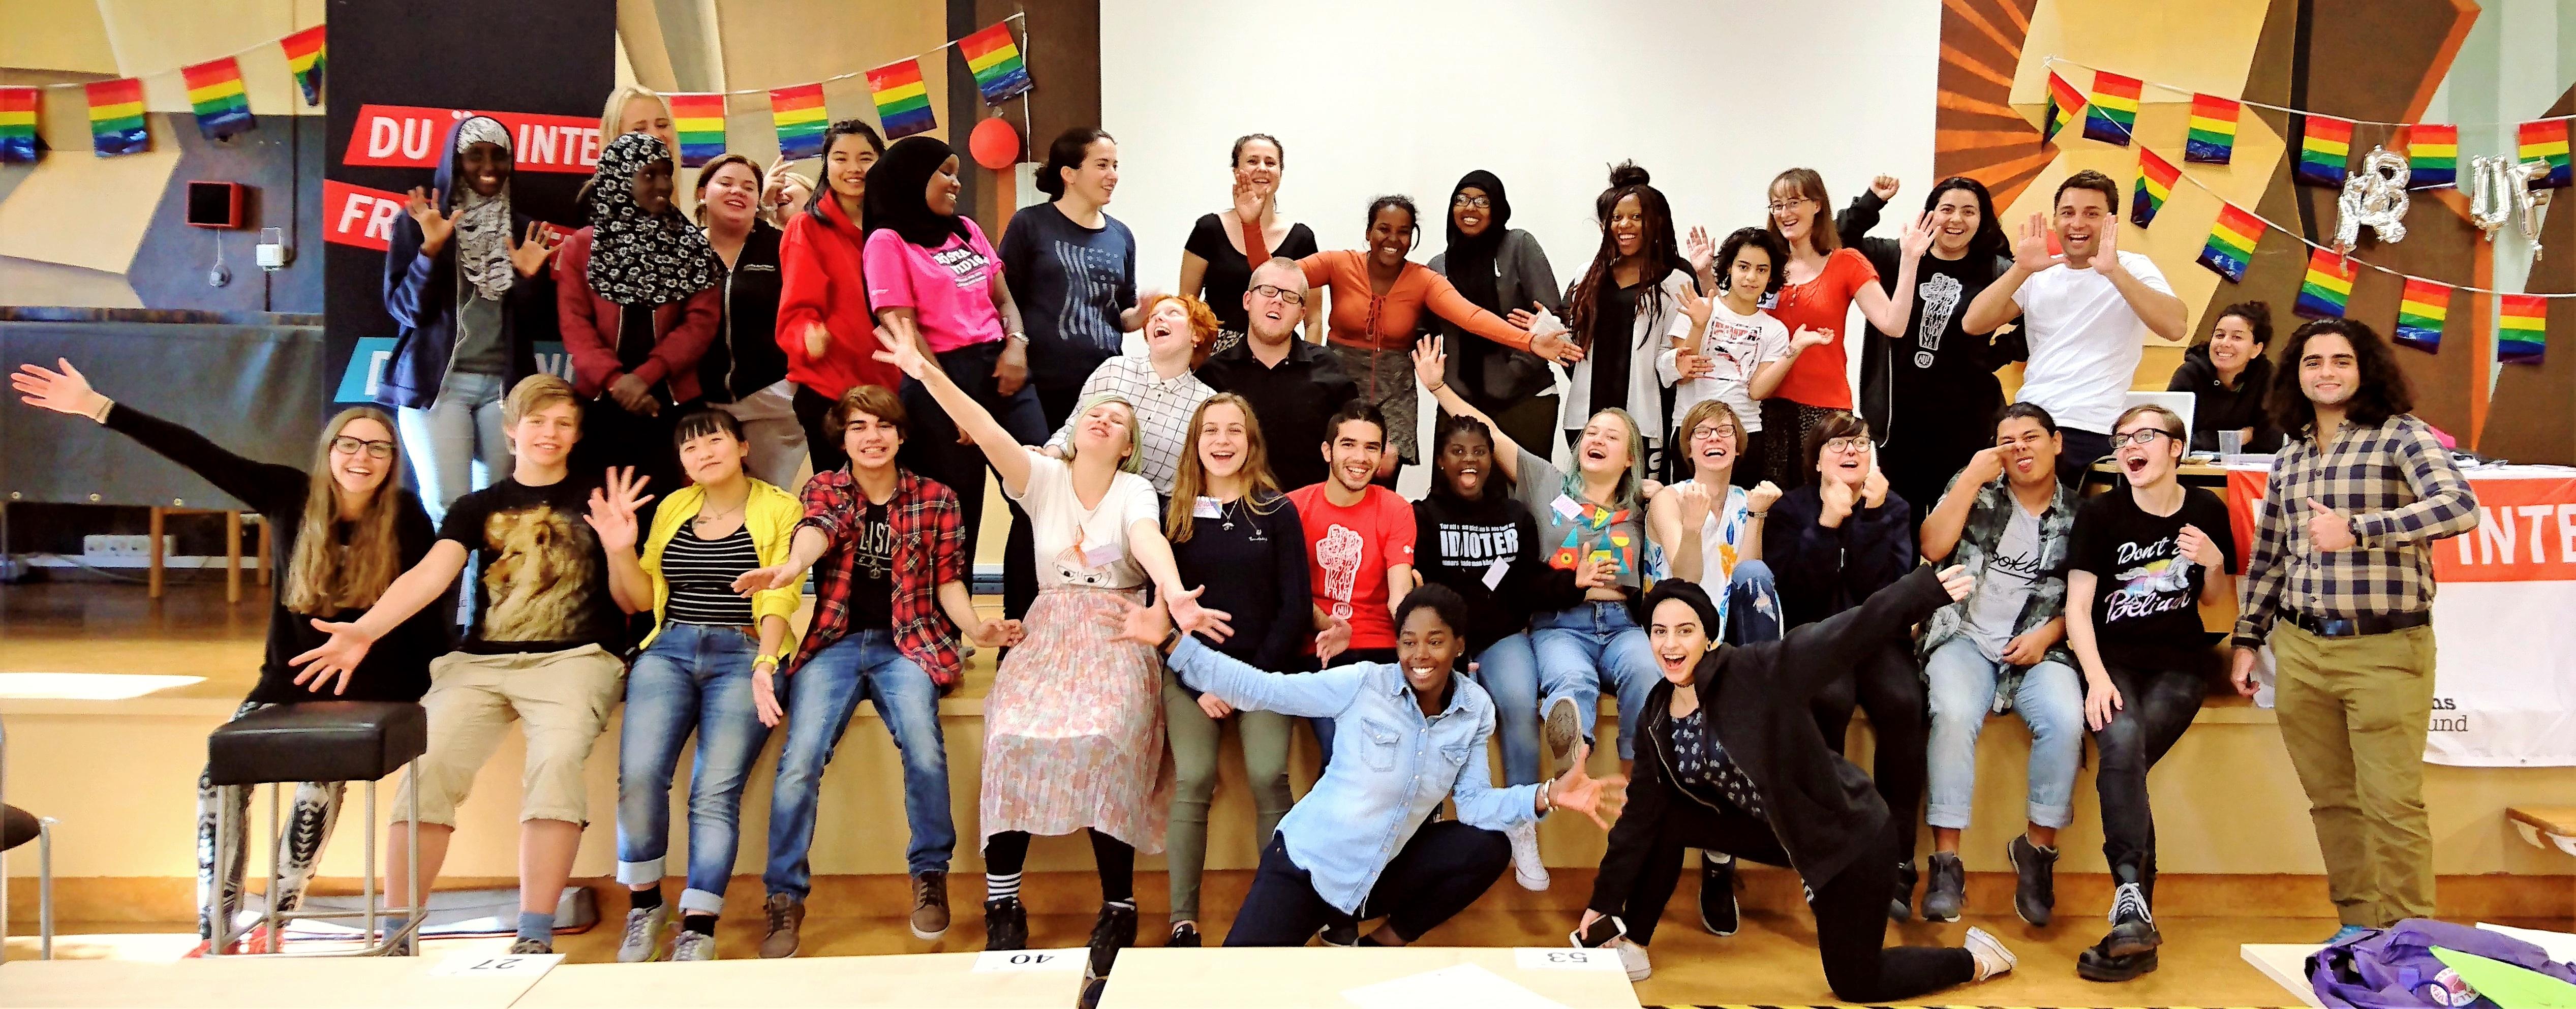 Ett fyrtiotal medlemmar i Rädda Barnens Ungdomsförbund som ser glada ut och sträcker ut armarna.